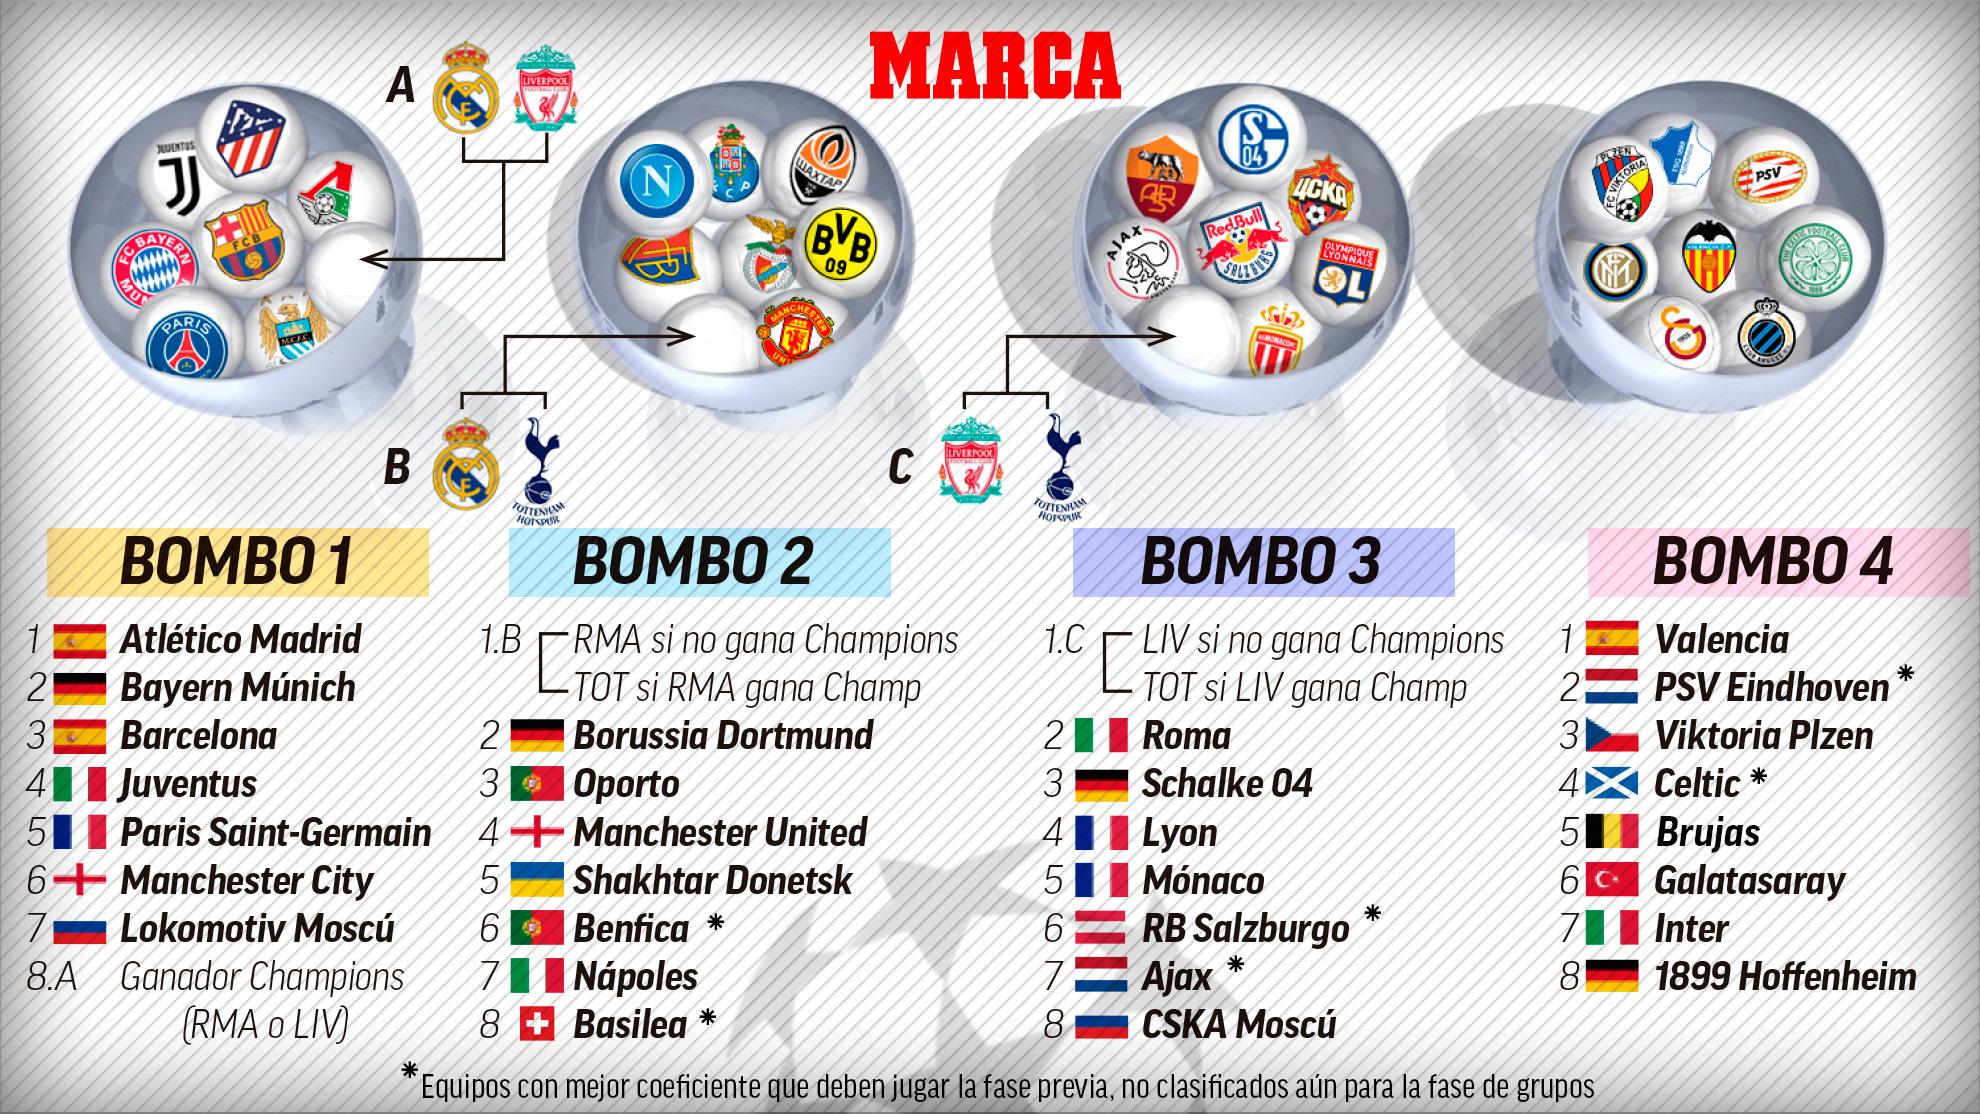 Champions League 2018 19 Pinterest: Champions League: Así Quedan Los Bombos De La Champions